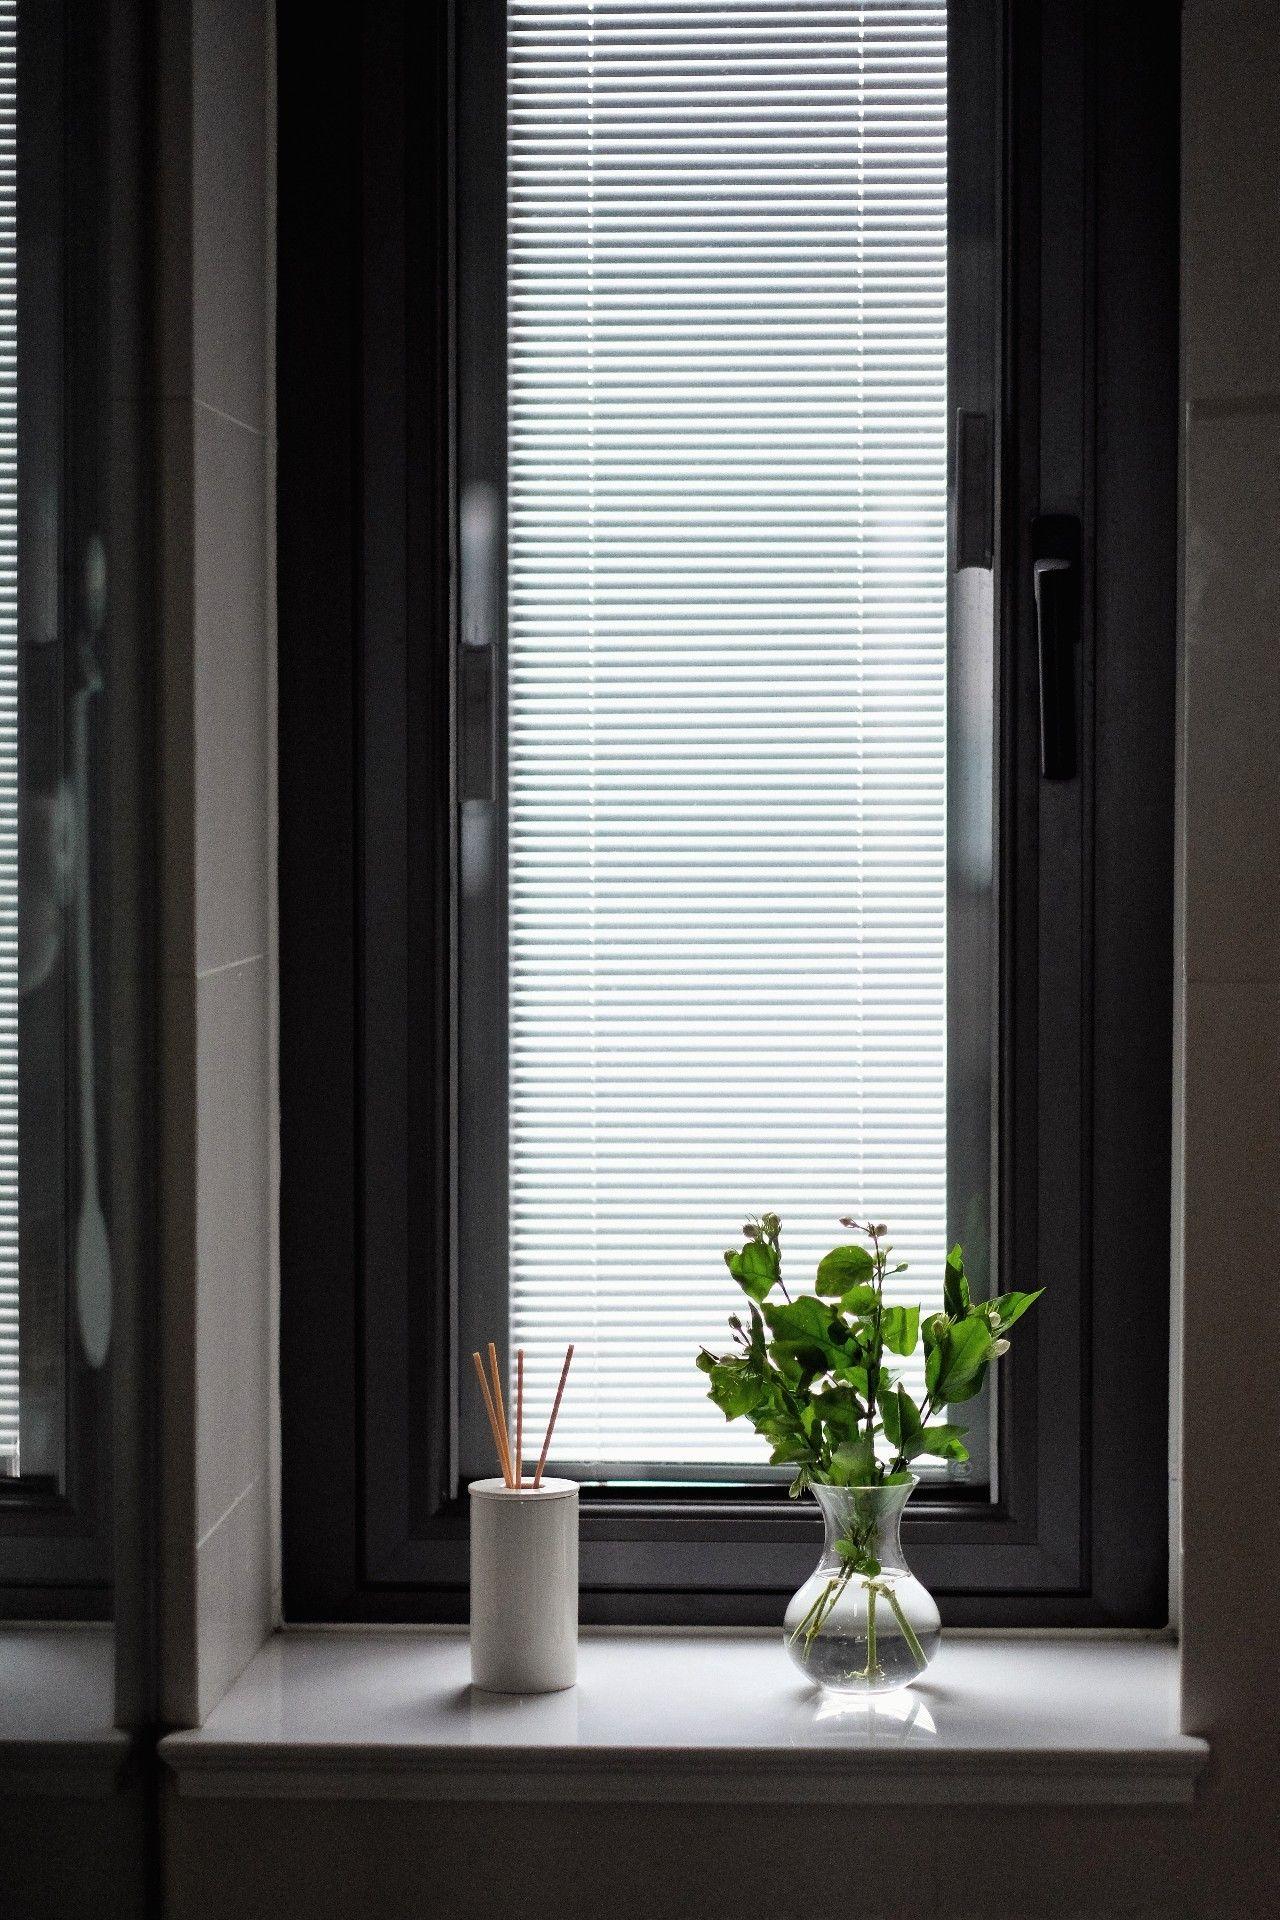 淘宝窗台背景素材